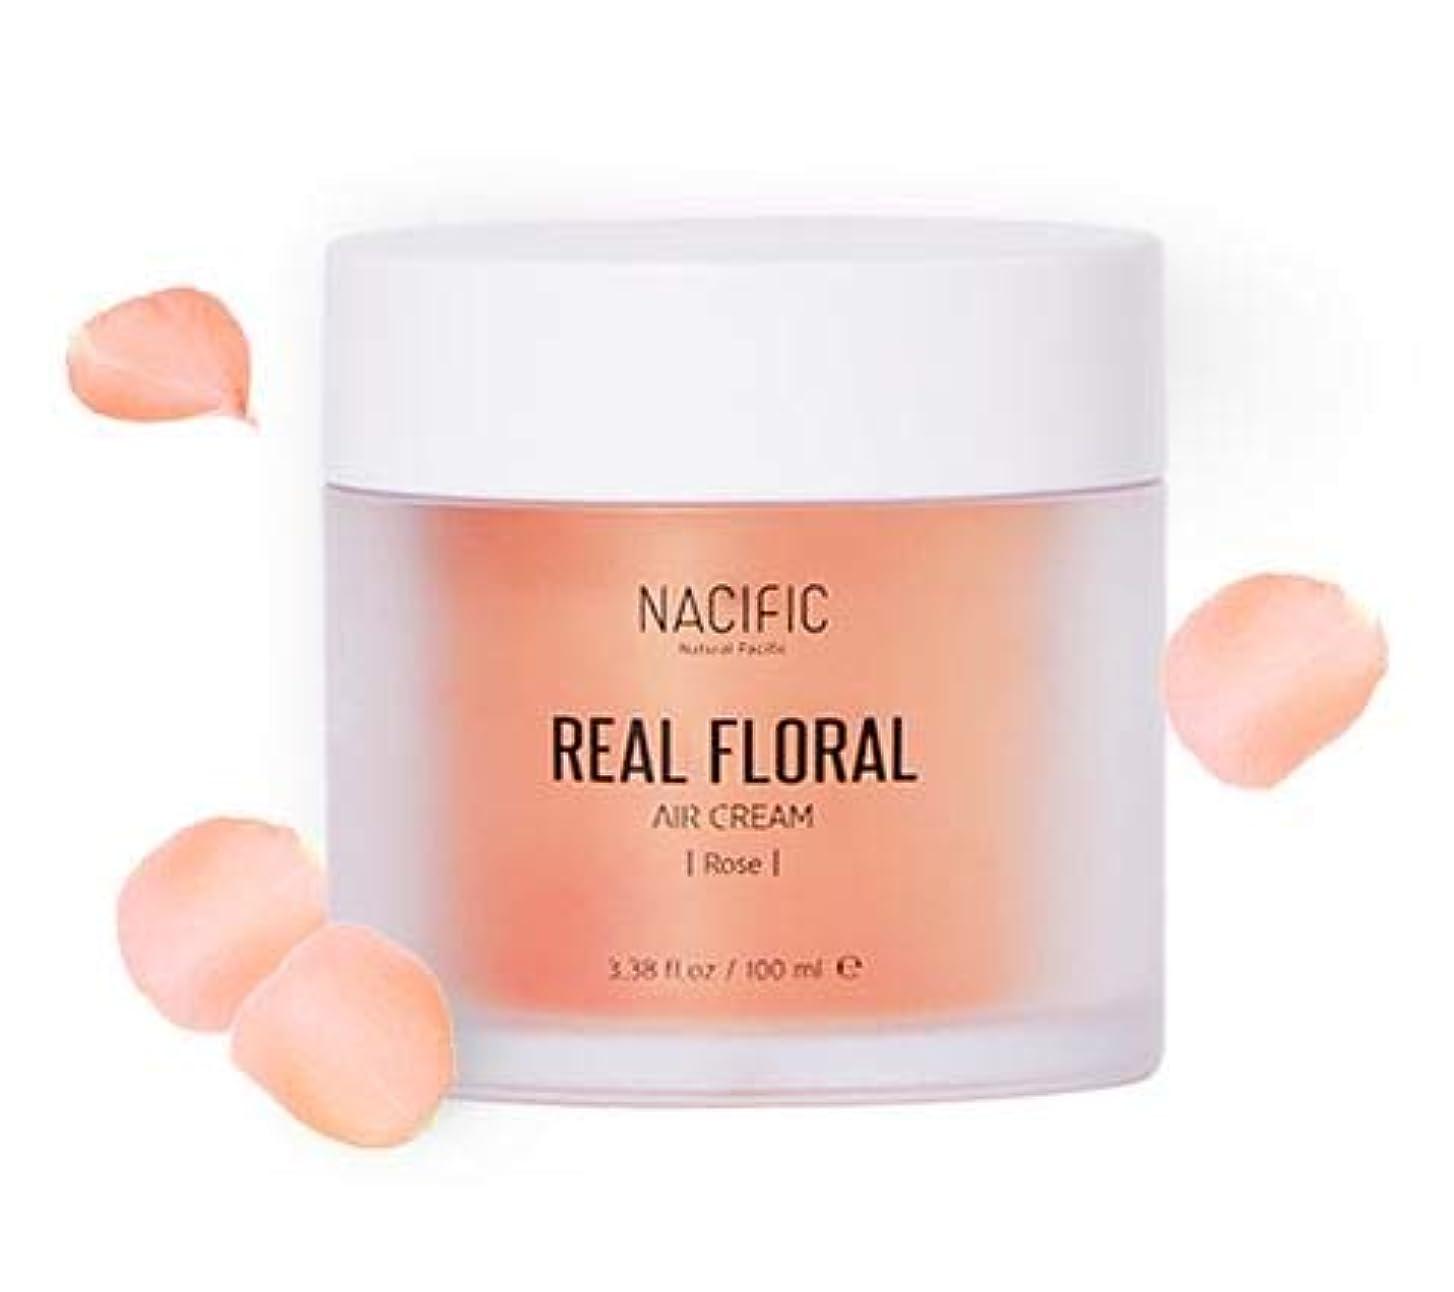 高度な葡萄日記[ NACIFIC ] Real Rose Floral Air Cream 100ml (Rose) / [ナシフィック] リアル (ローズ エア クリーム) 100ml [並行輸入品]